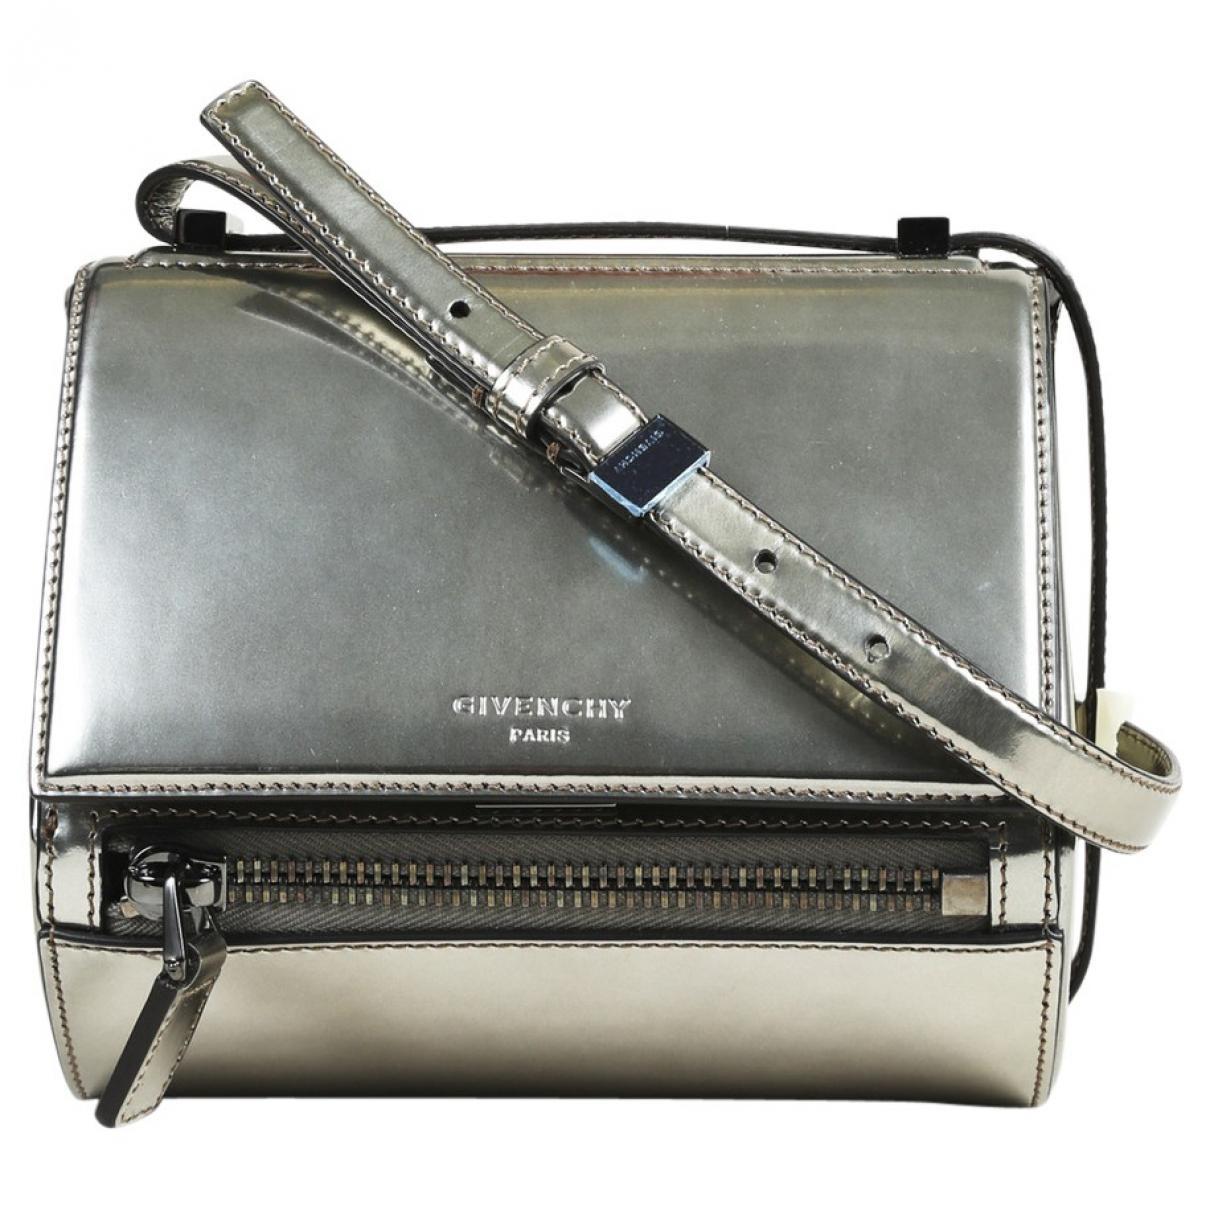 bec0391c430 Lyst - Sac bandoulière Pandora en cuir verni Givenchy en coloris ...